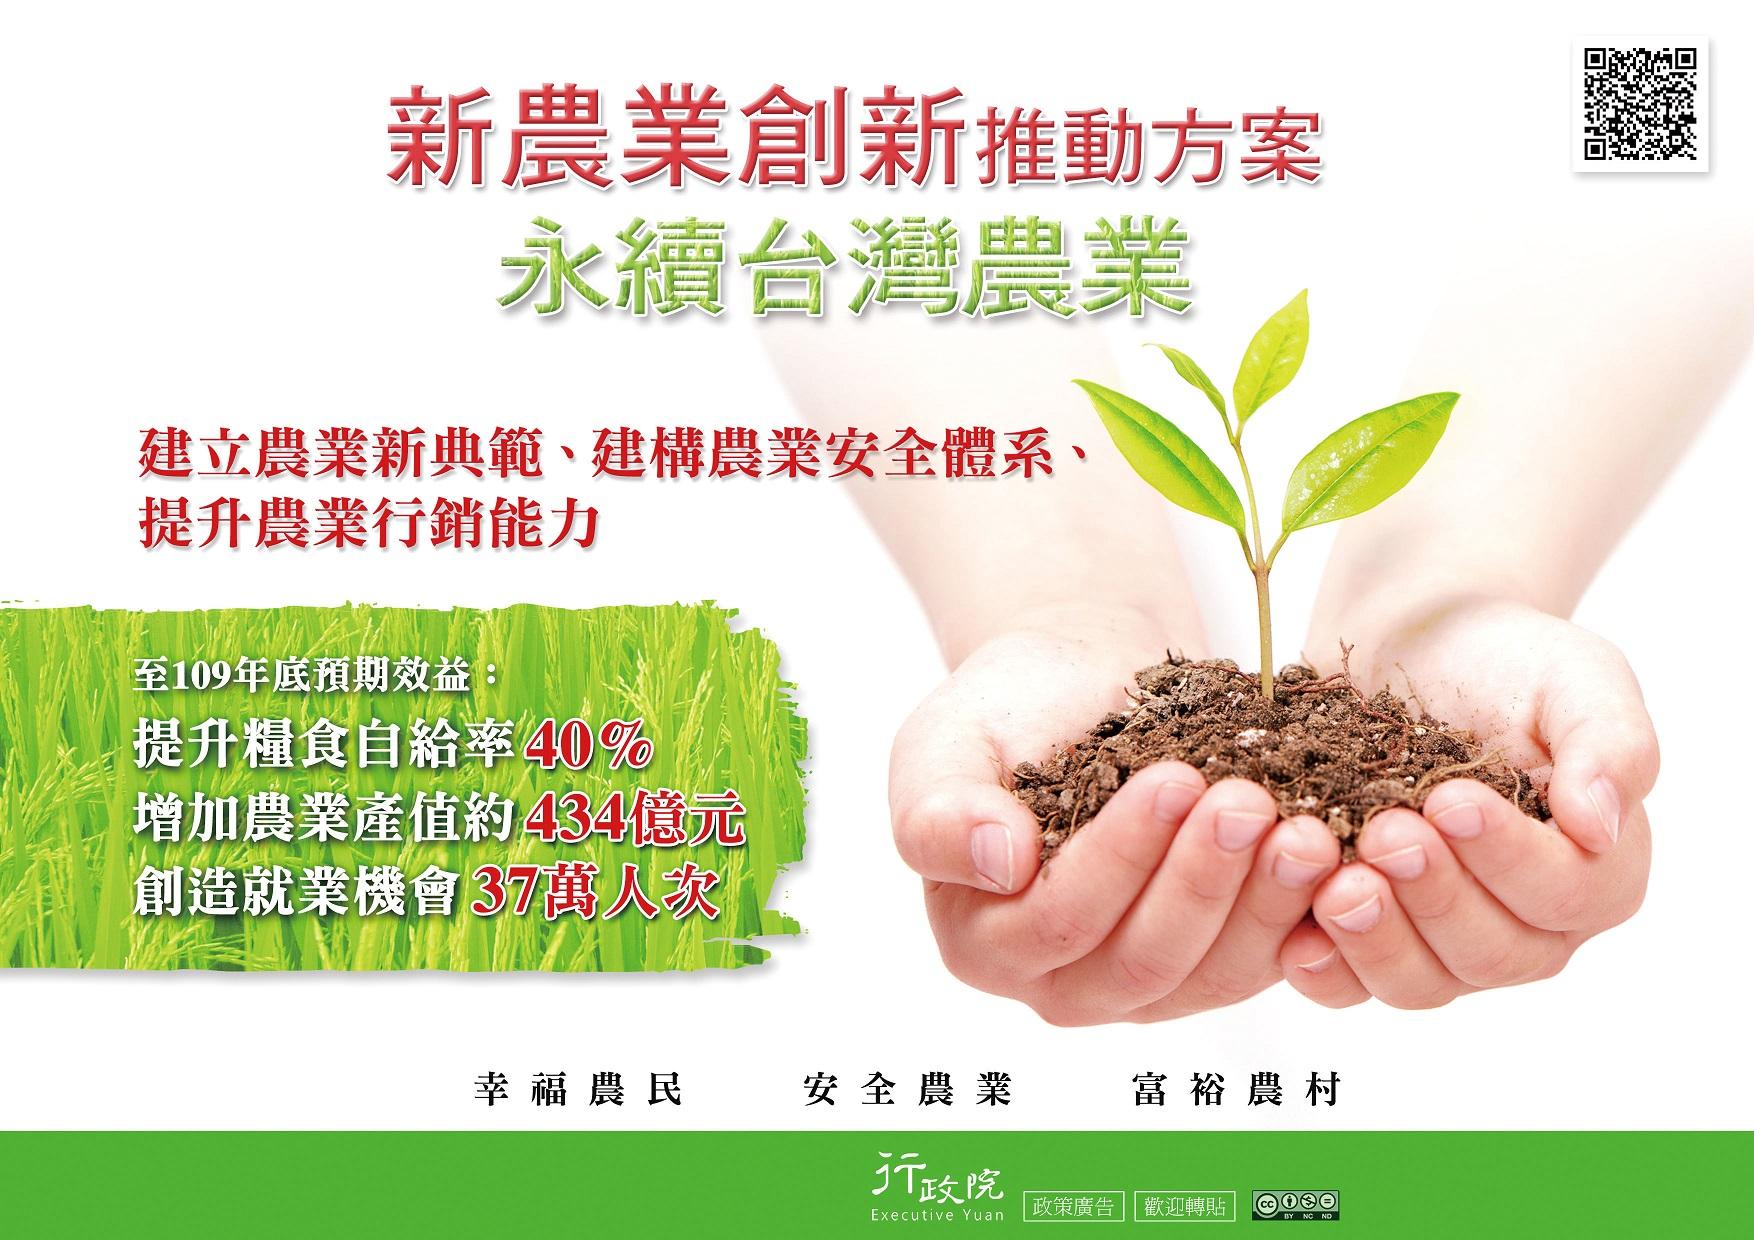 新農業創新推動方案.jpg